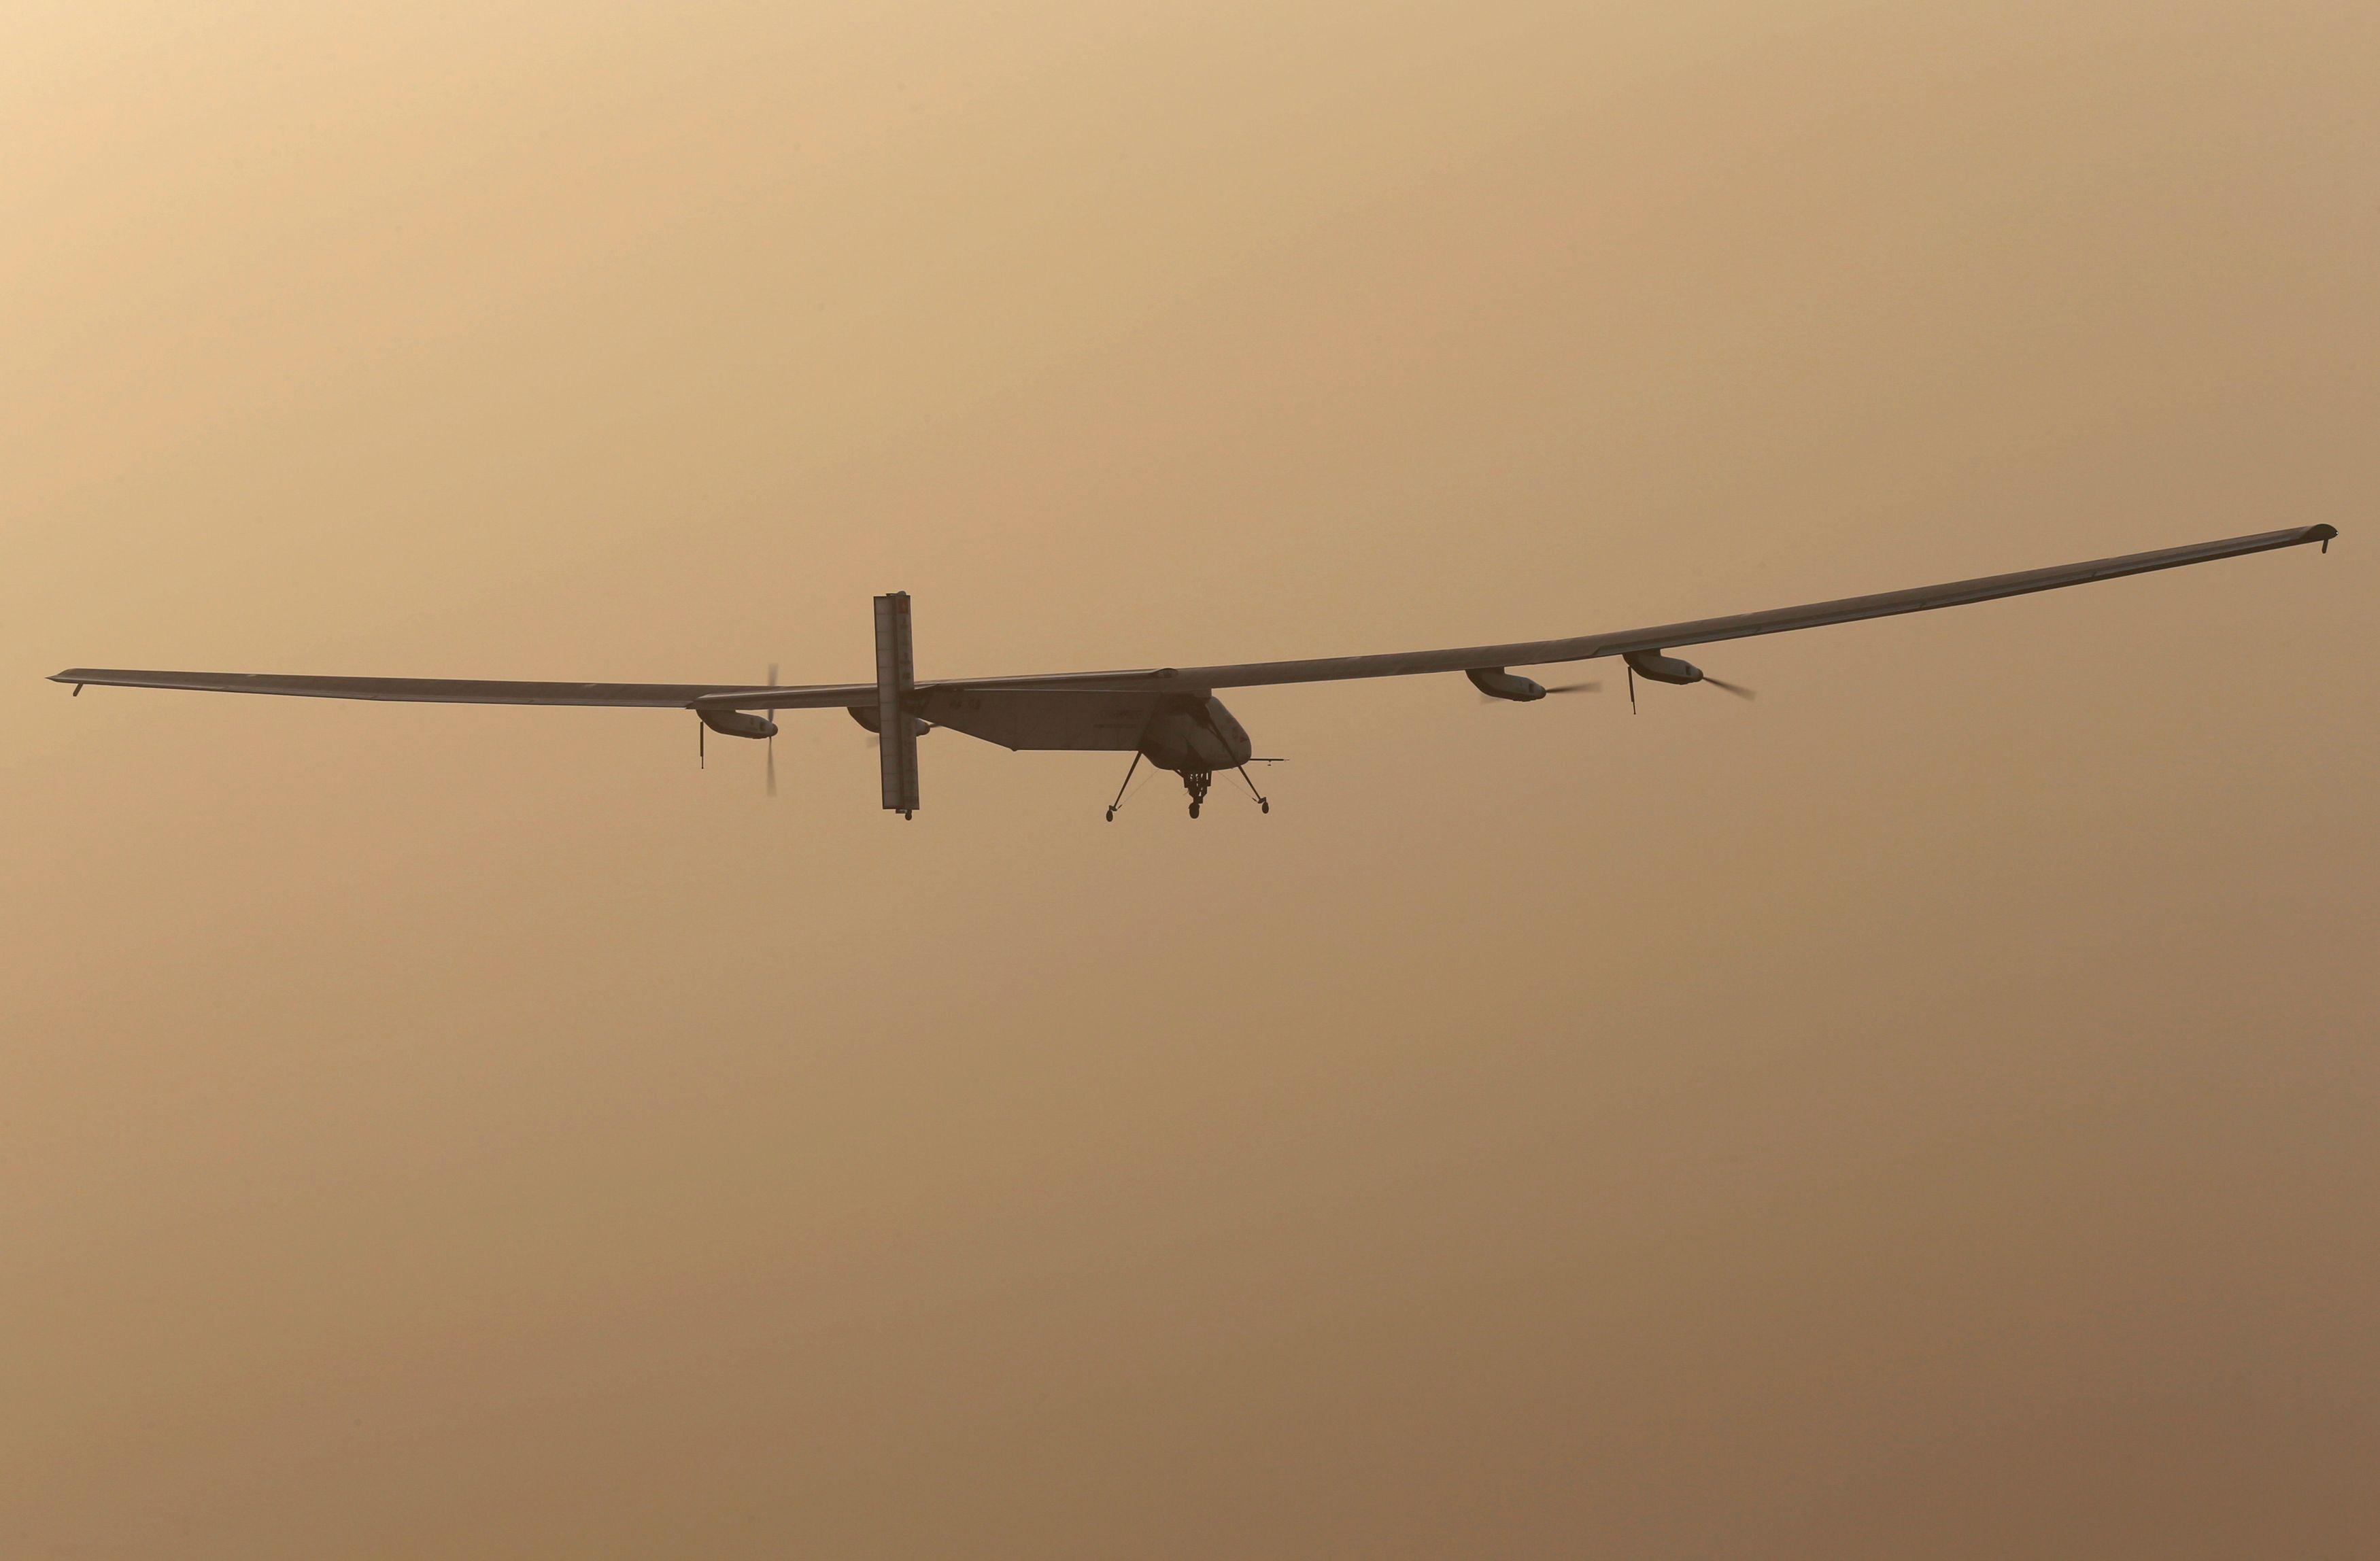 Solar Impulse 2 : cet extraordinaire nouveau-né d'une gamme d'avions solaires futuristes